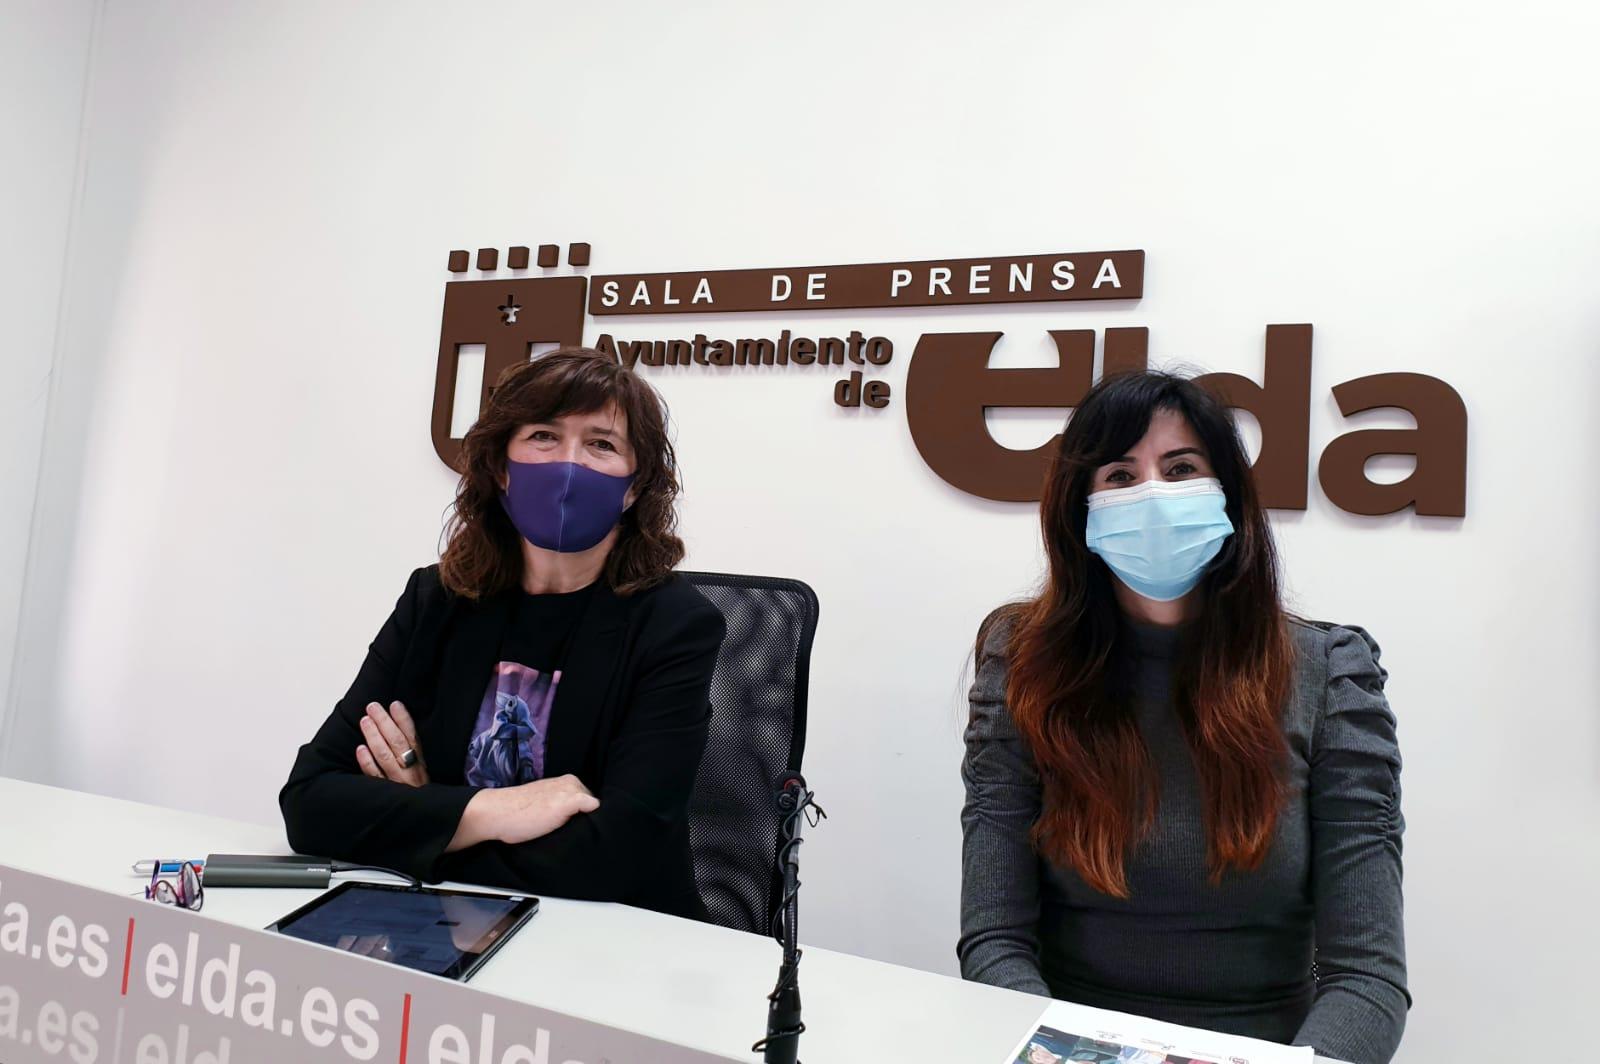 El Ayuntamiento de Elda organiza una amplia programación de actividades a lo largo del mes marzo con motivo de la celebración del Día Internacional de la Mujer